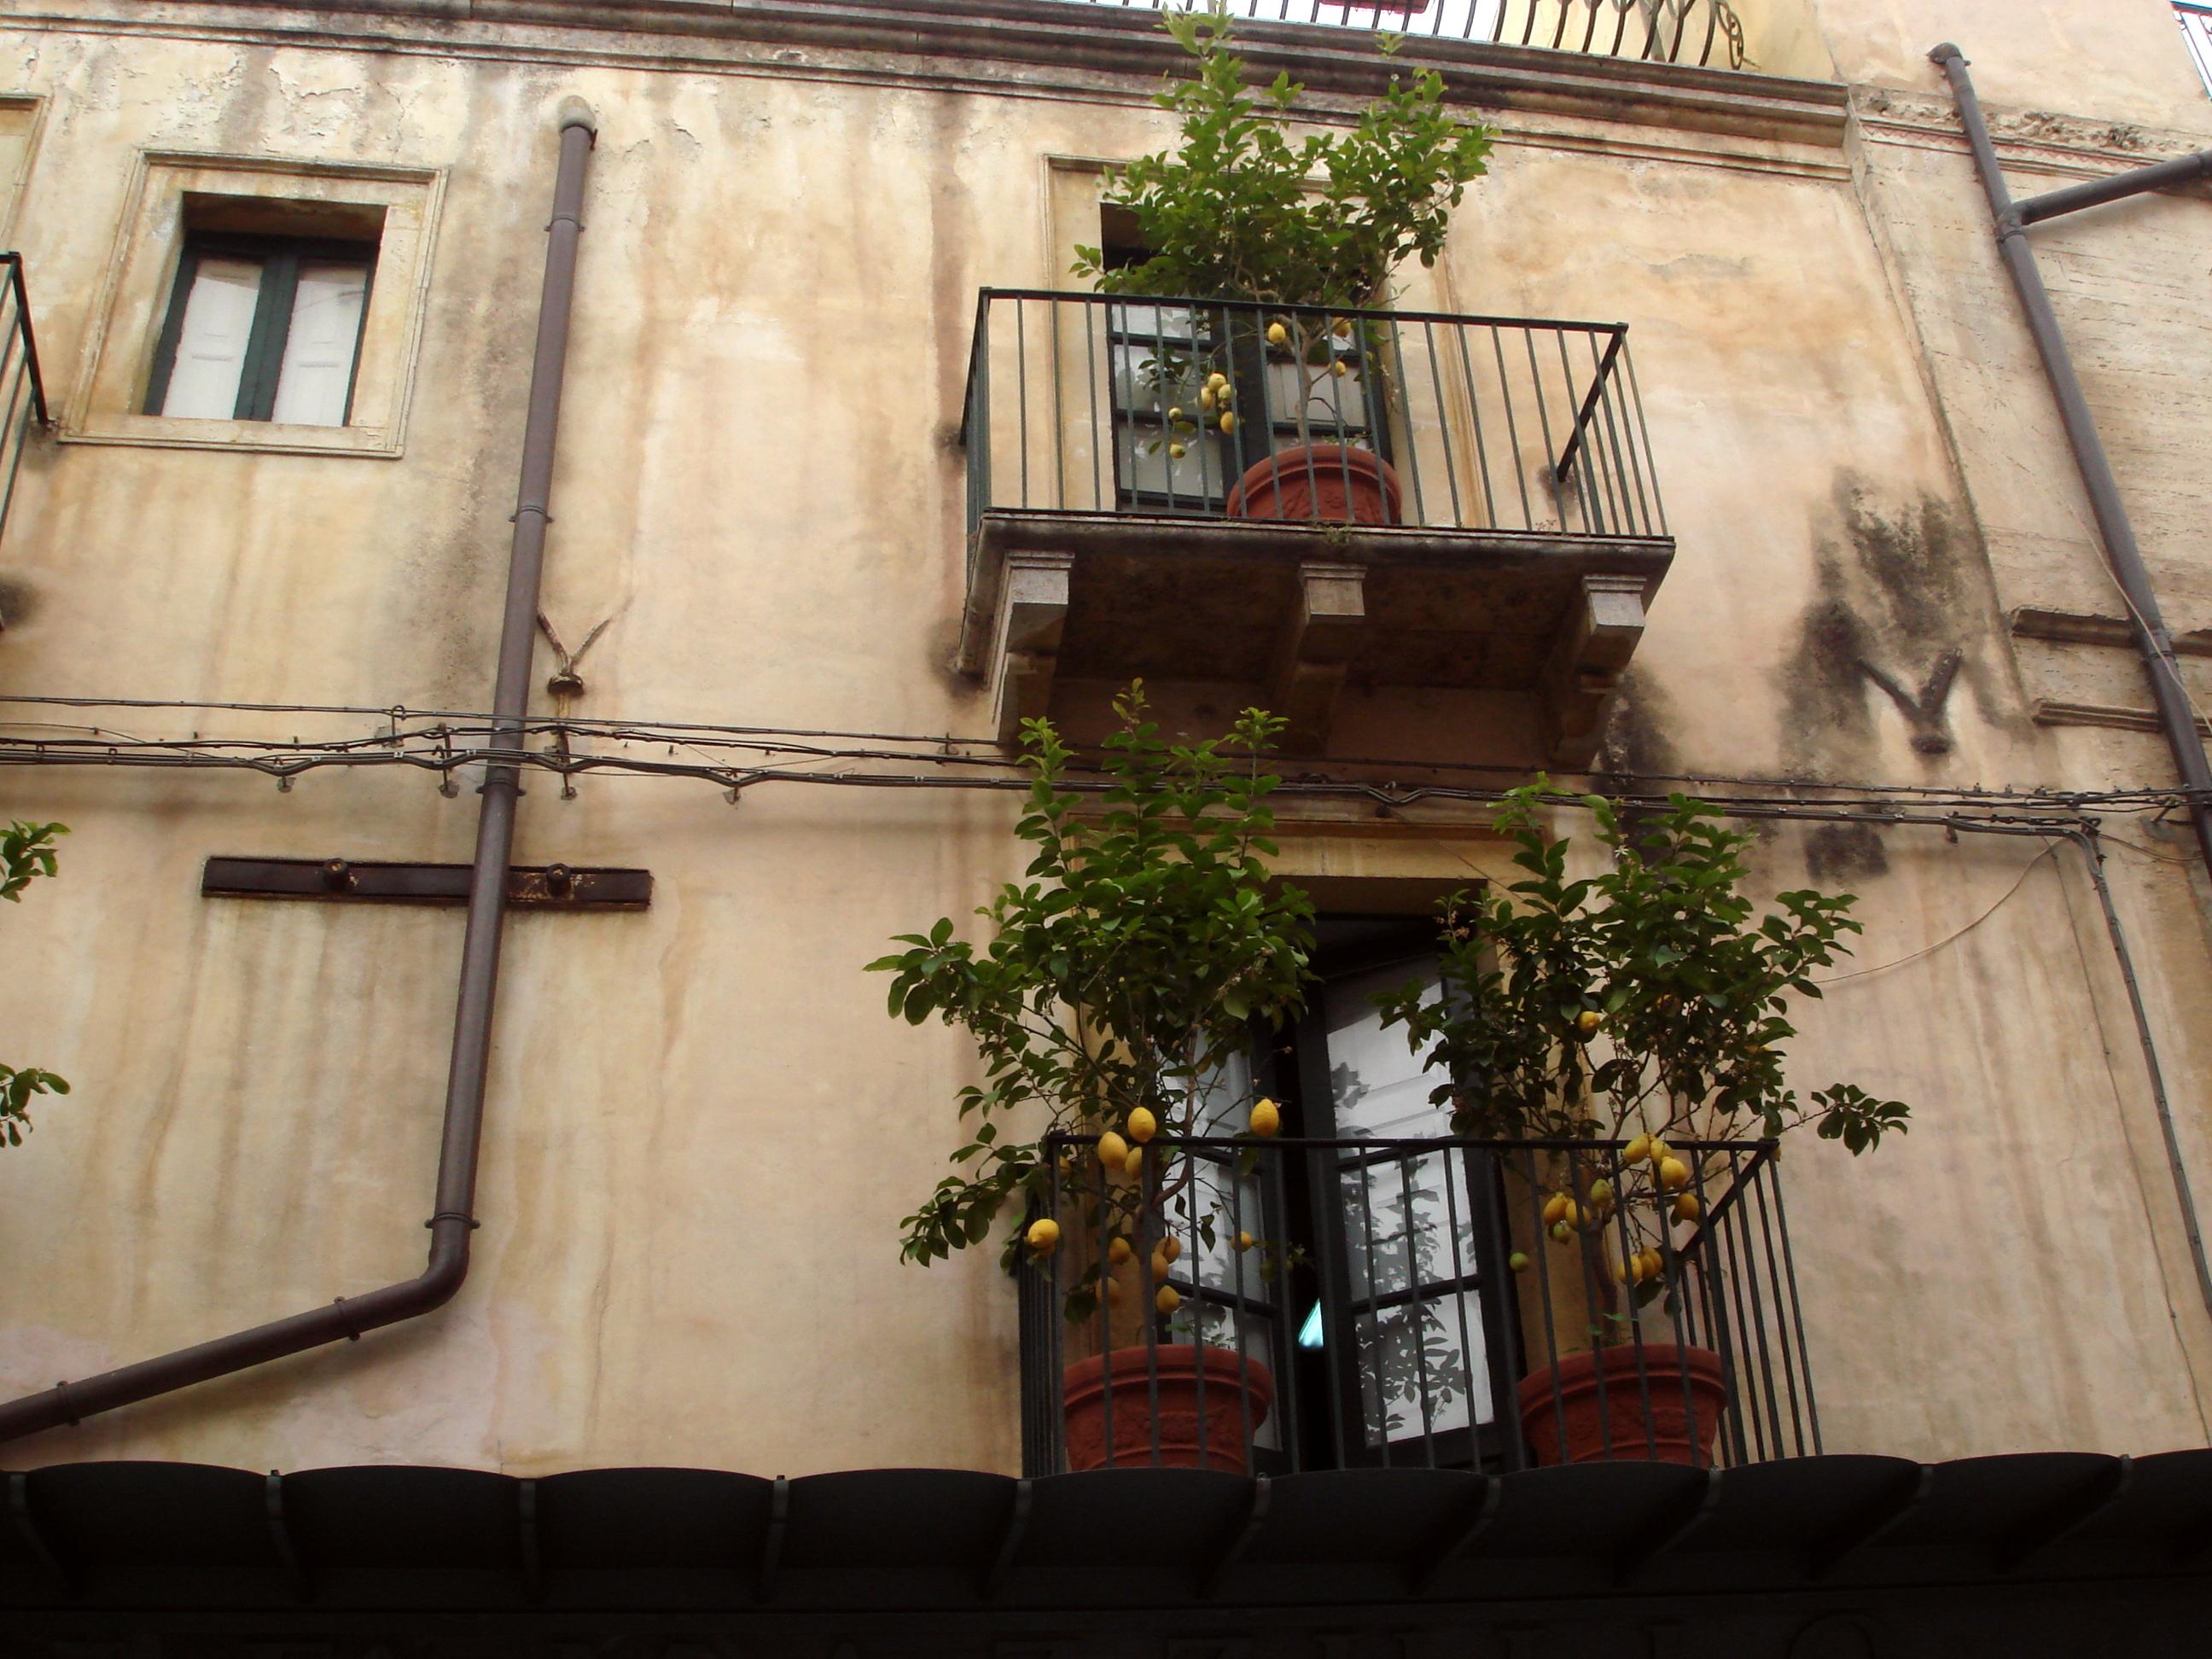 0048_-_Taormina_-_Corso_Umberto_-_Balcone_con_limoni_-_Foto_Giovanni_Dall%27Orto,_19-May-2008.jpg